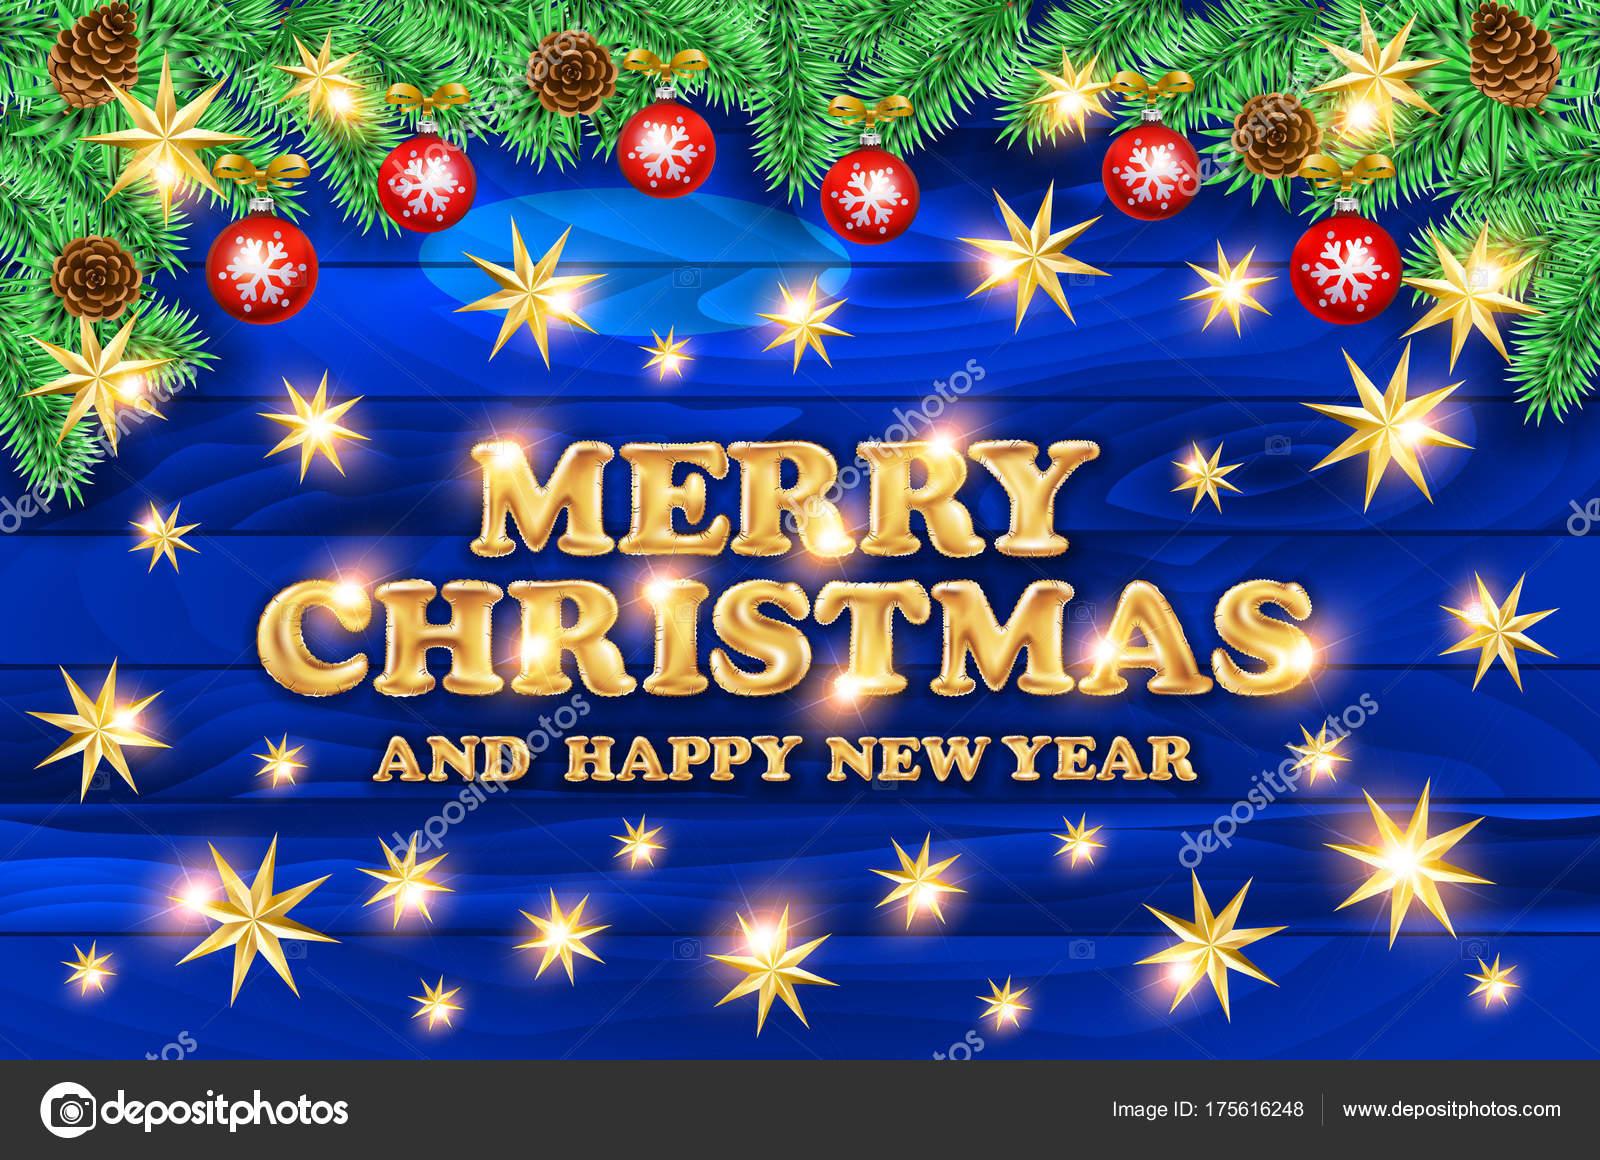 Frohe Weihnachten 3d.Frohe Weihnachten Vektorgrafik Mit Typografie 3d Design Und Urlaub